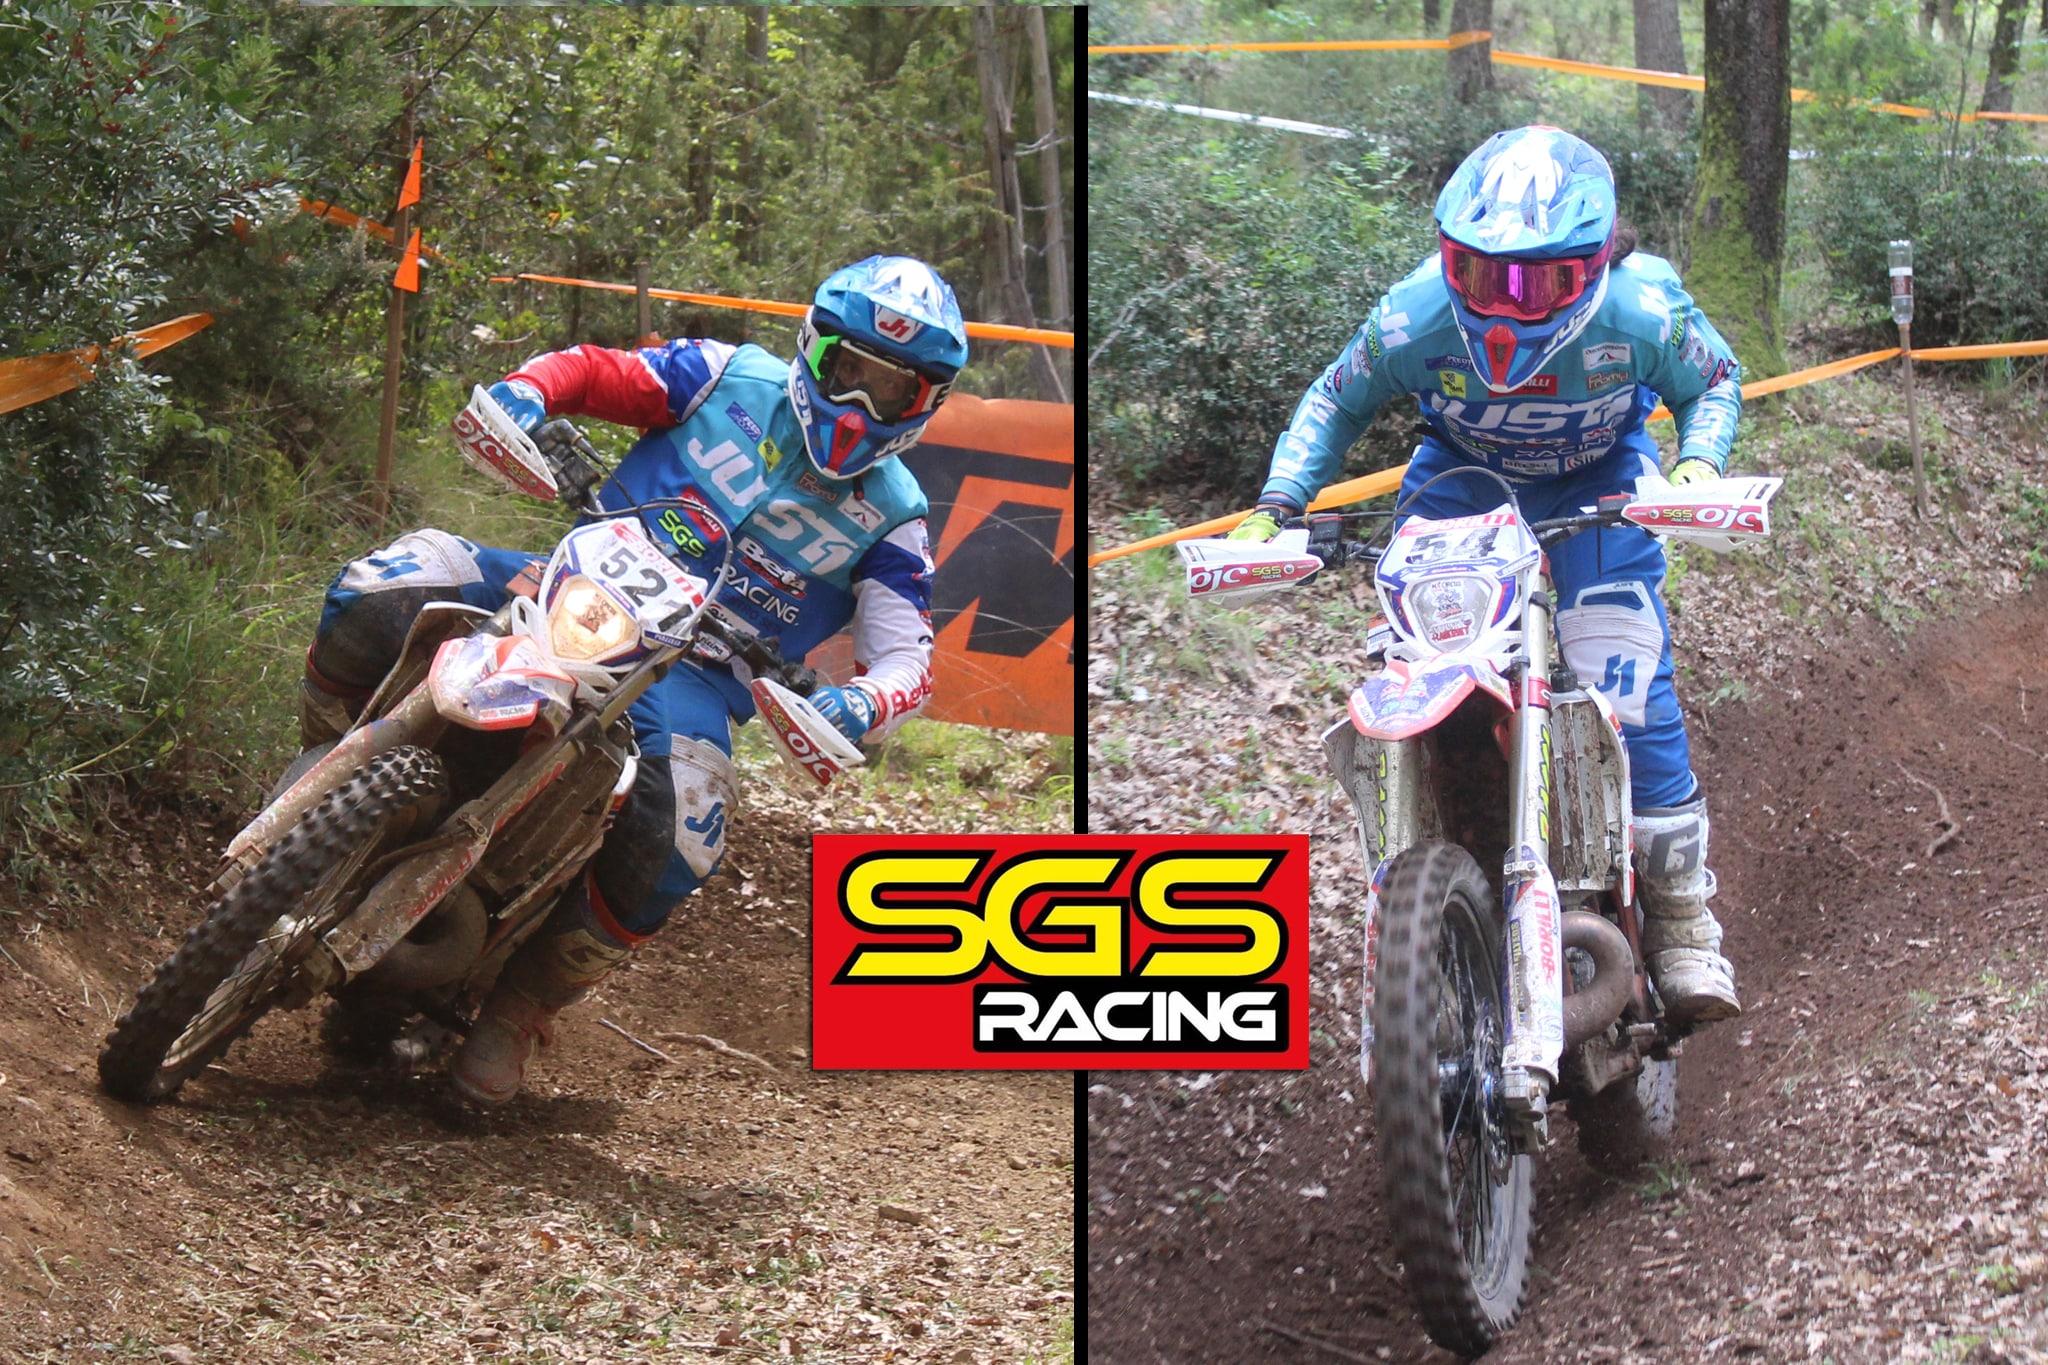 SGS Racing nella top ten della tappa di Assoluti enduro a Piediluco